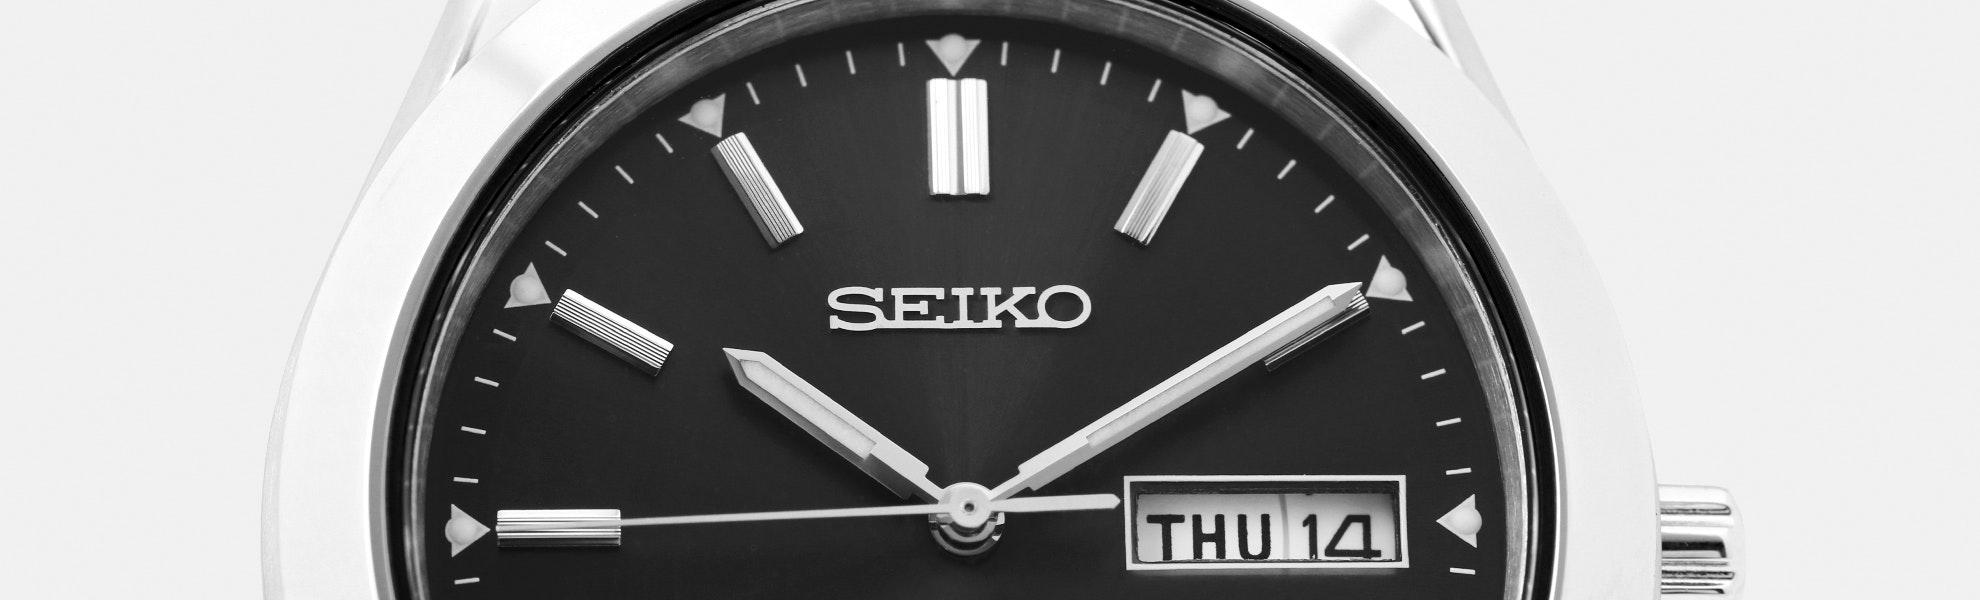 Seiko SNE039 Solar Watch